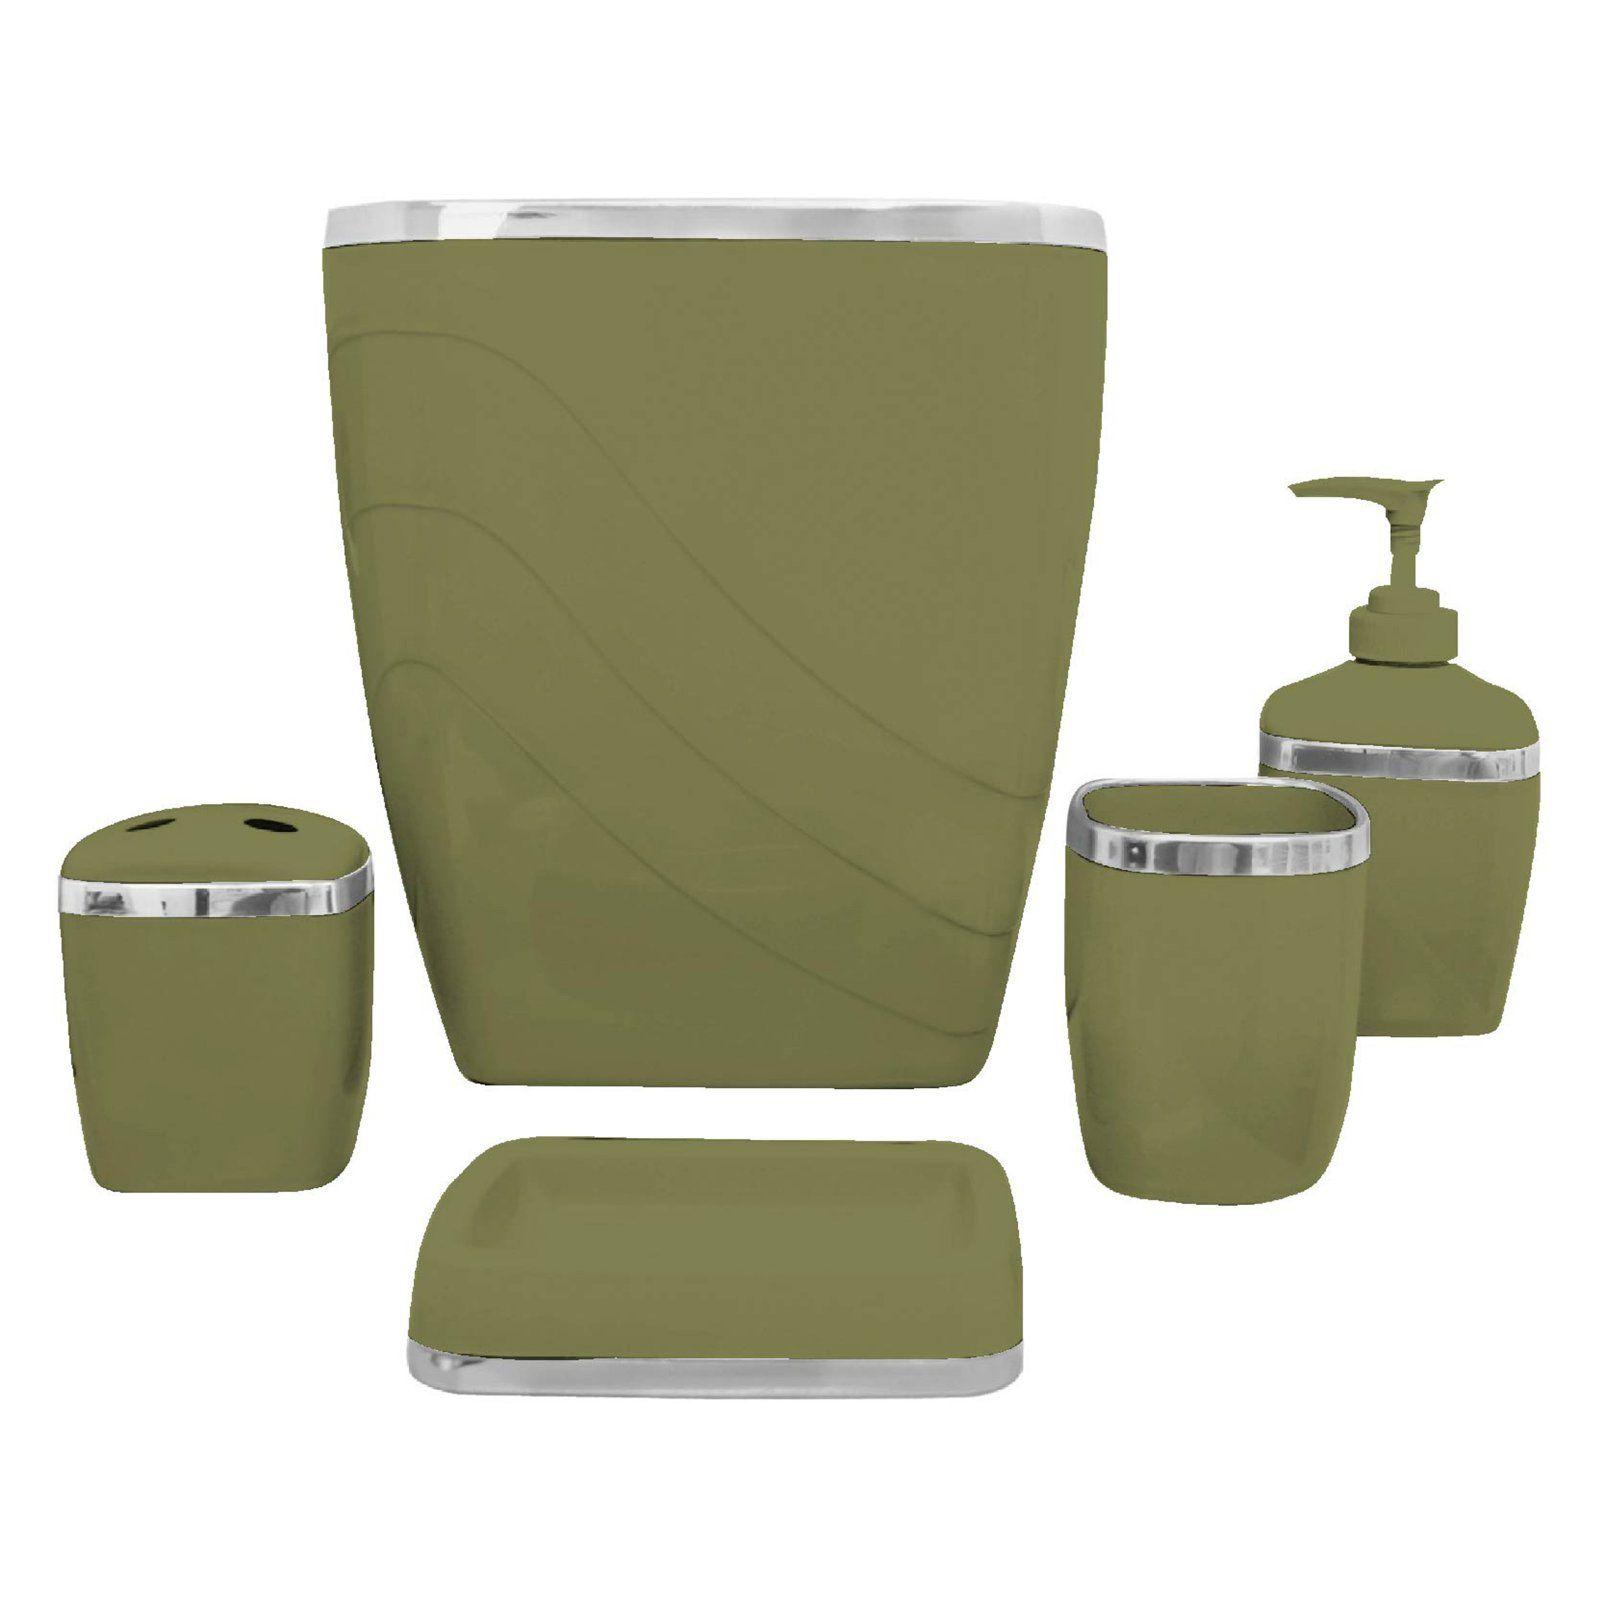 Carnation Home Fashions 5 Piece Bathroom Accessory Set Bath